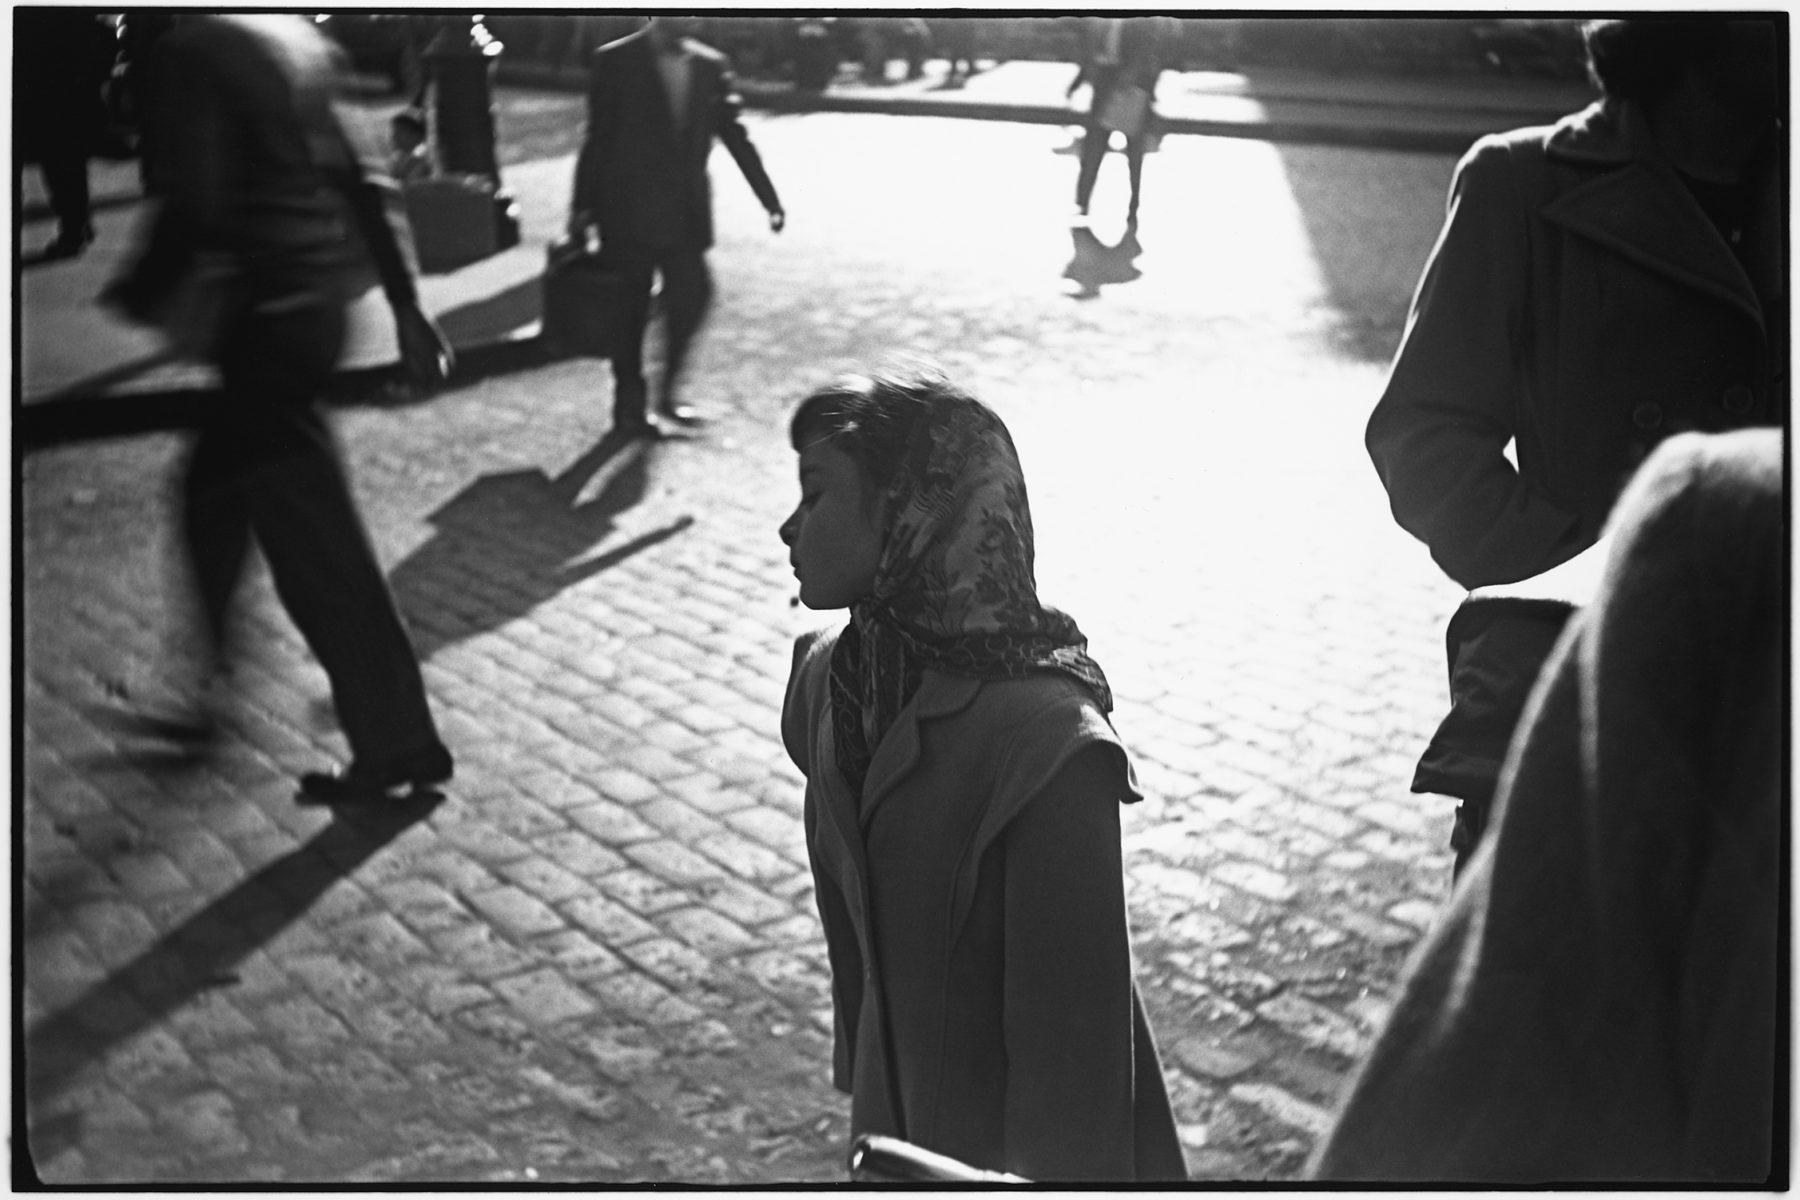 Photographie noir et blanc par Saul Leiter, fille au foulard, rues, ombres